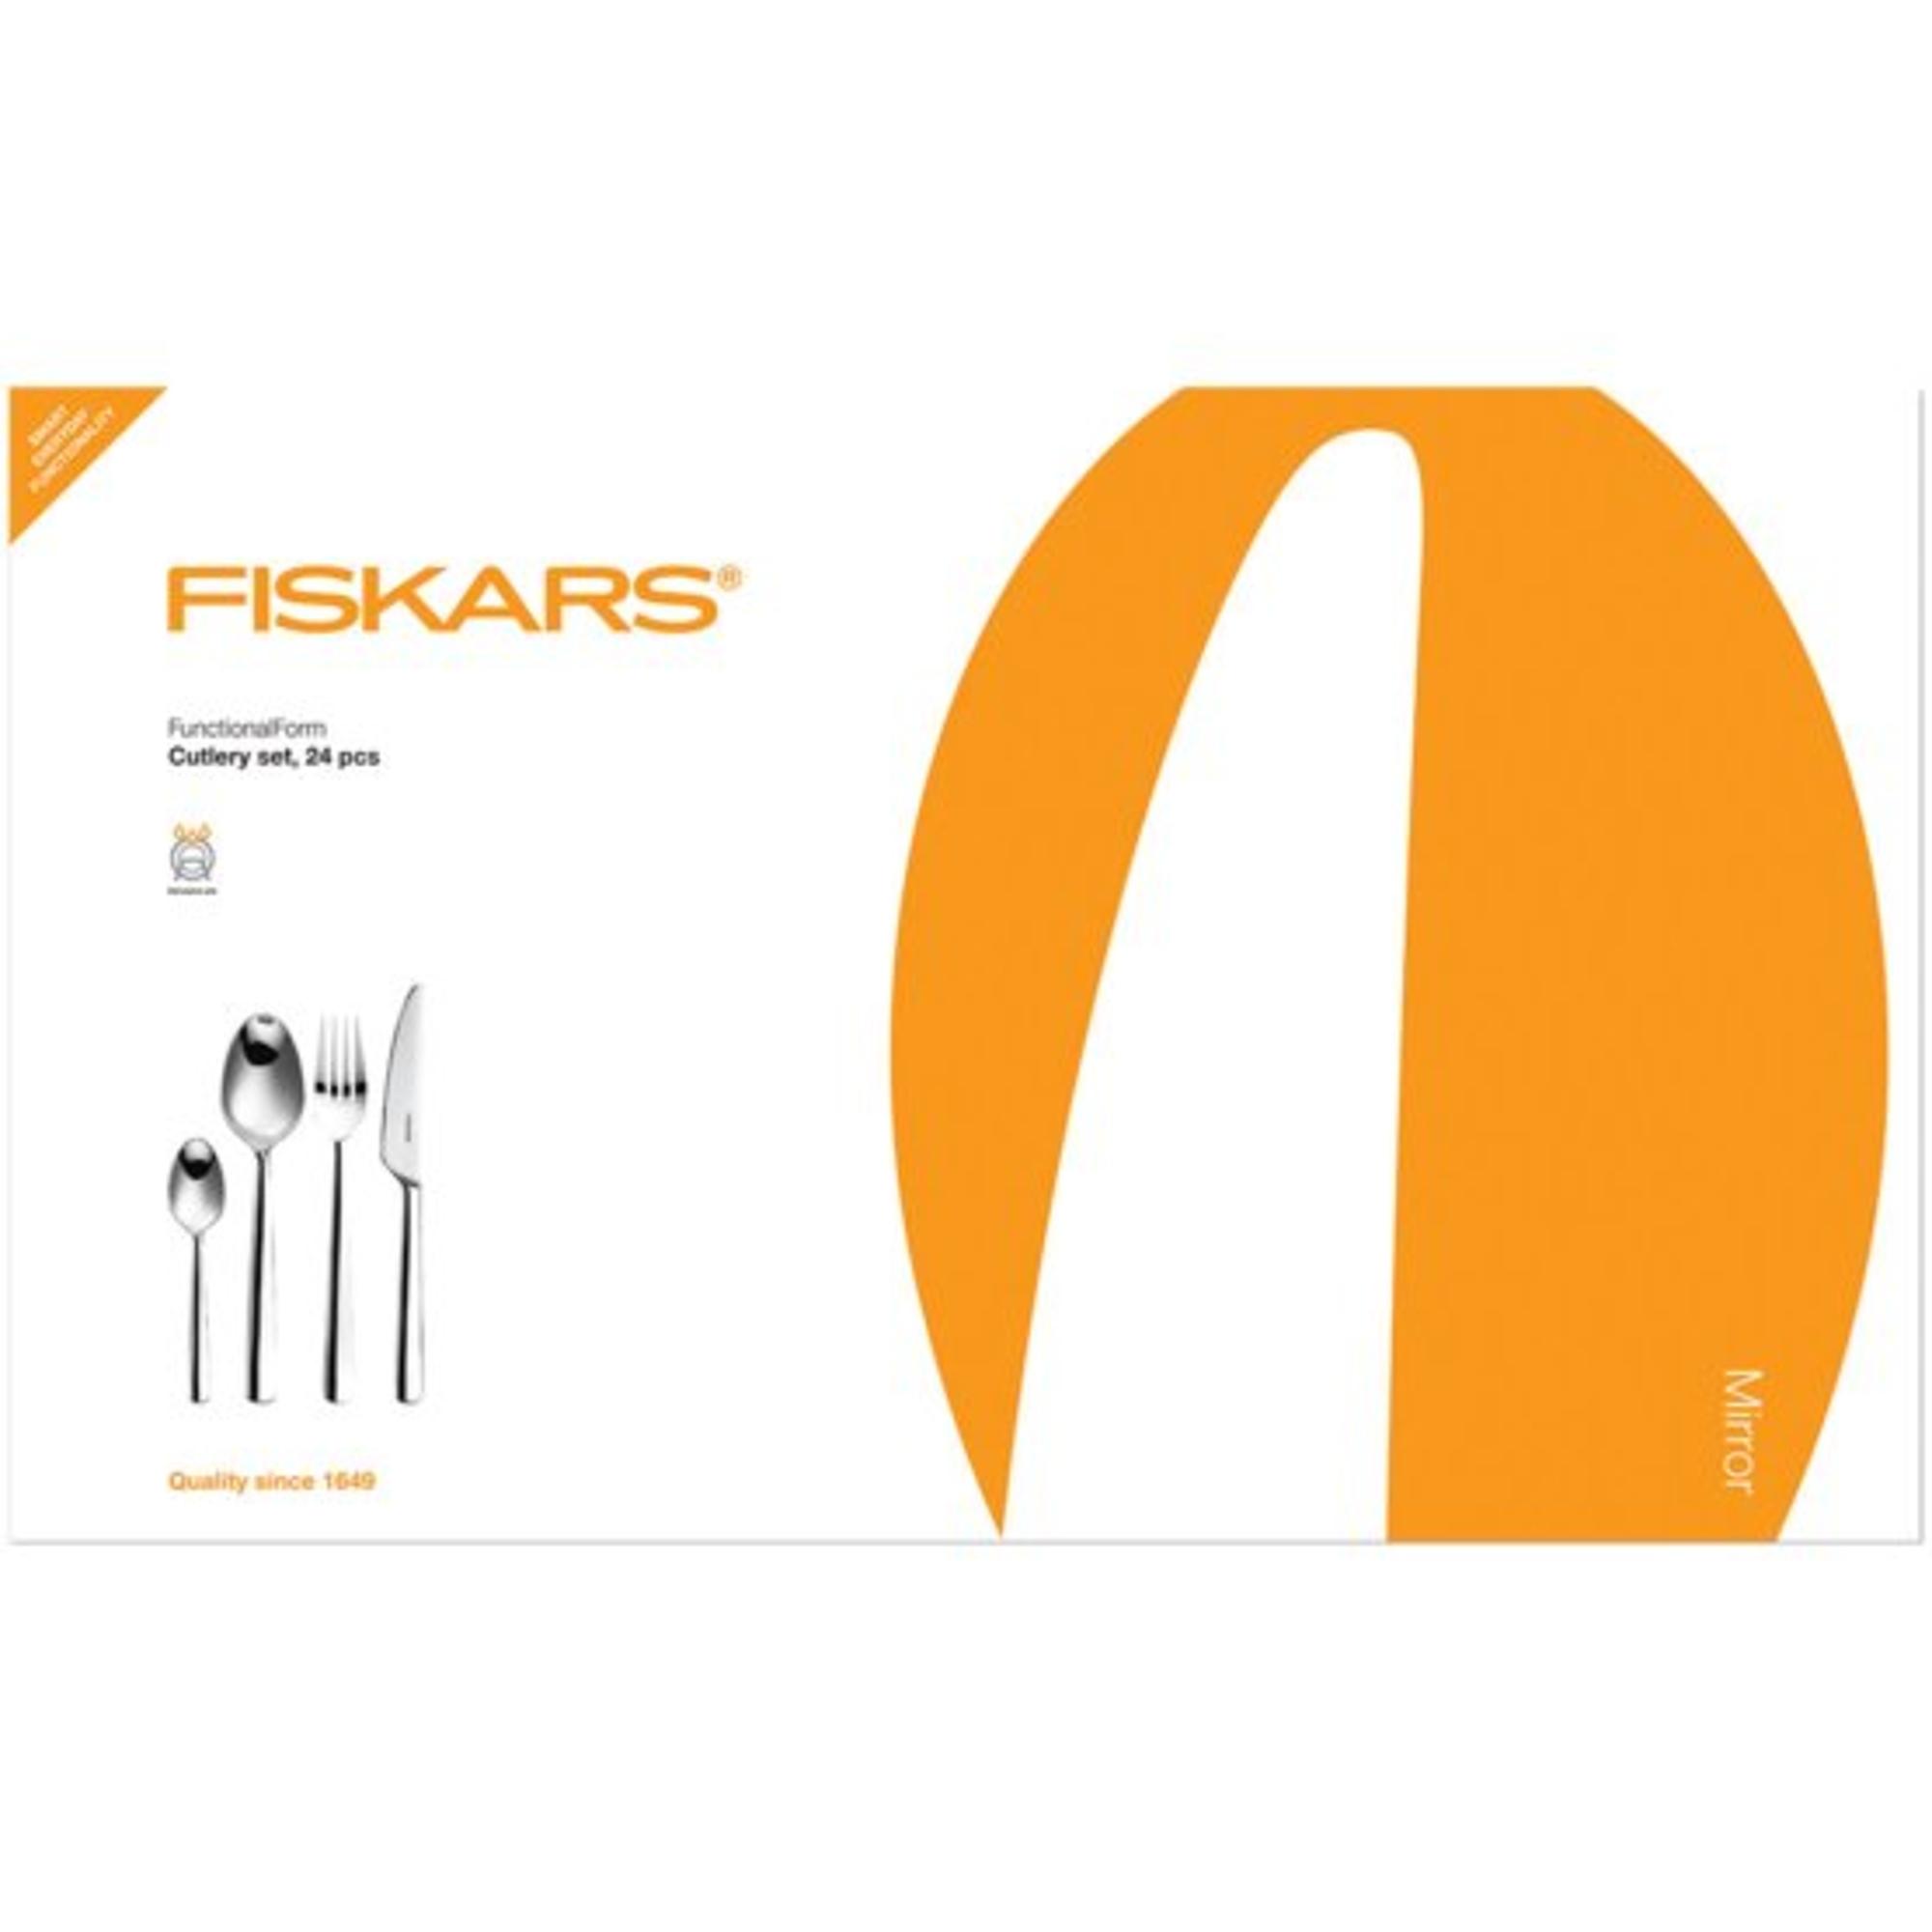 Fiskars Evőeszköz készlet, 24db-os, fényes - 1002949